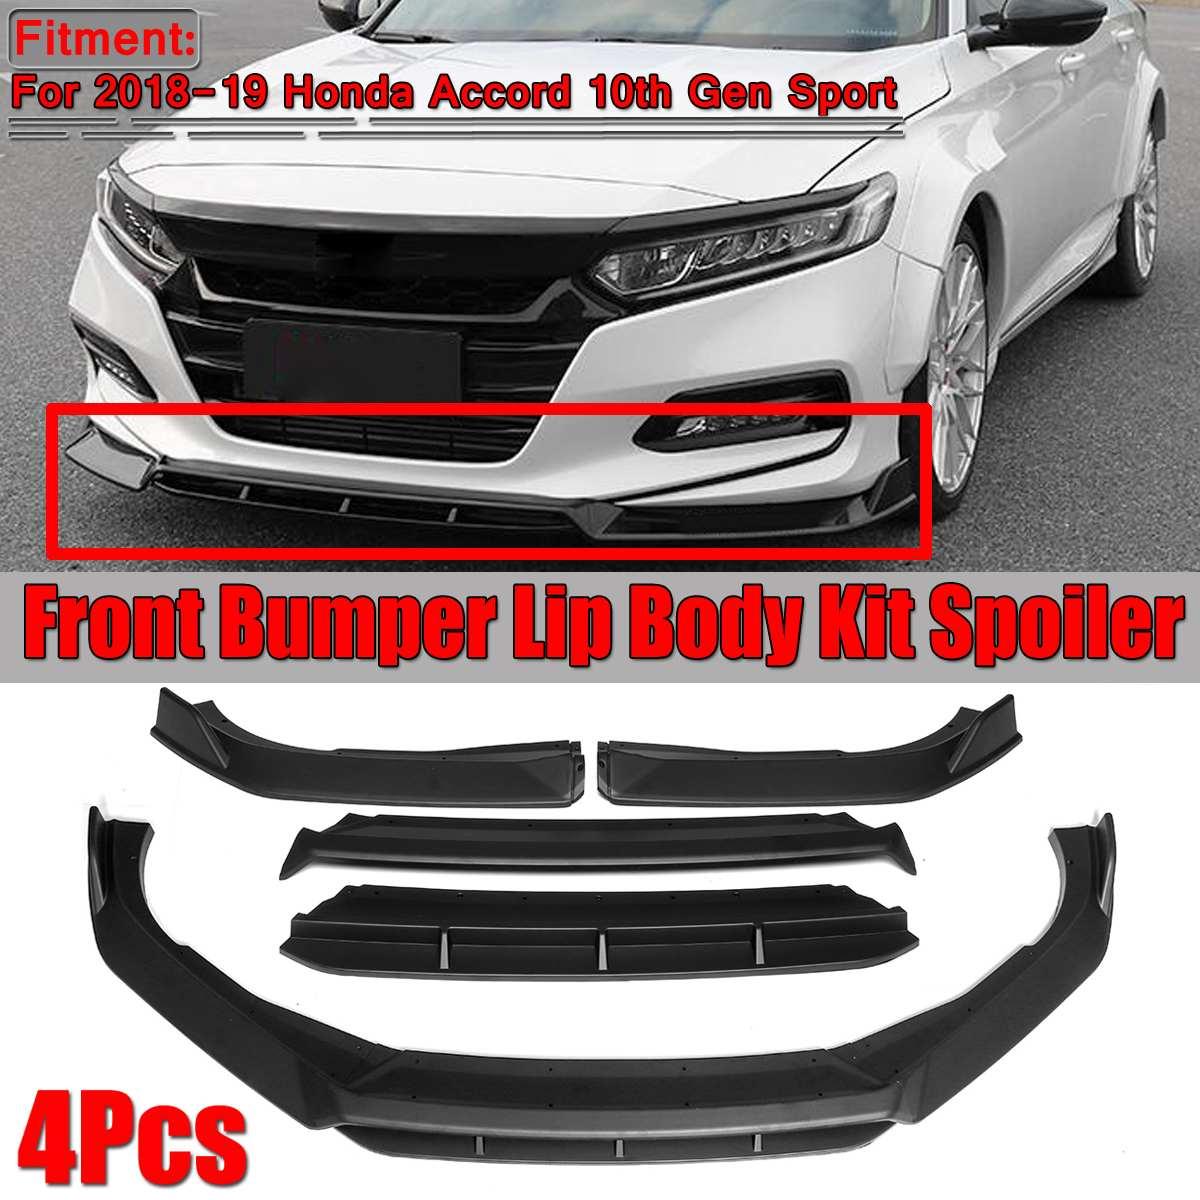 4pcs Car Front Bumper Lip Splitter Body Kit Spoiler Splitter Front Bumper Lip For Honda For Accord 10th 2018 2019 Gen Sport